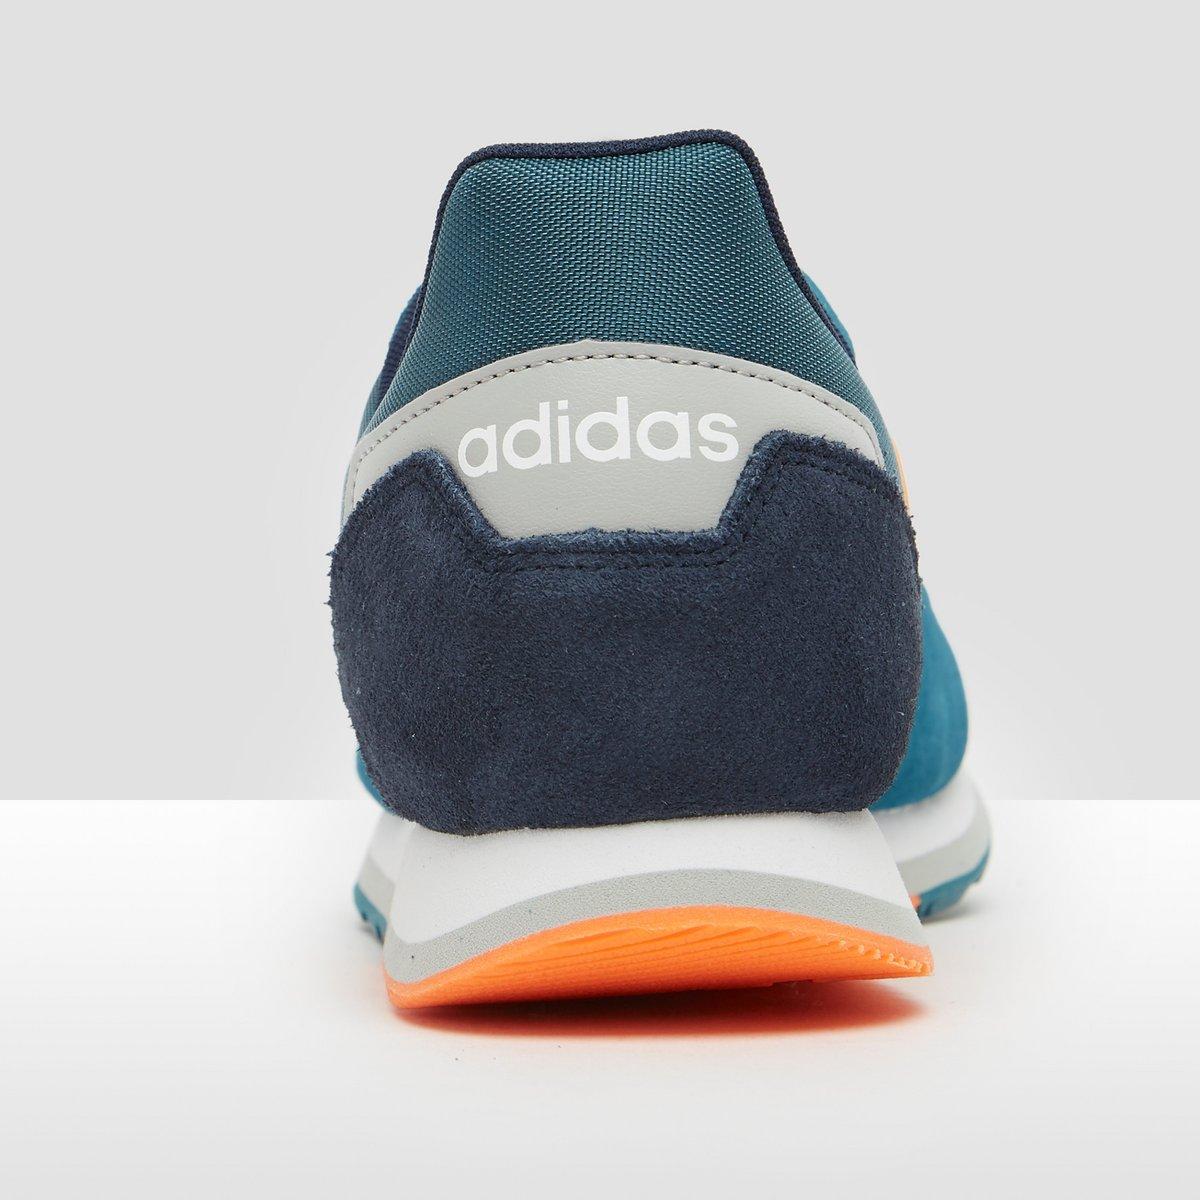 4e2a02451f3ab cheap geniue joggesko grønn menn oransje adidas klaring 8k forhandler  ynxgdd 59a56 843f0